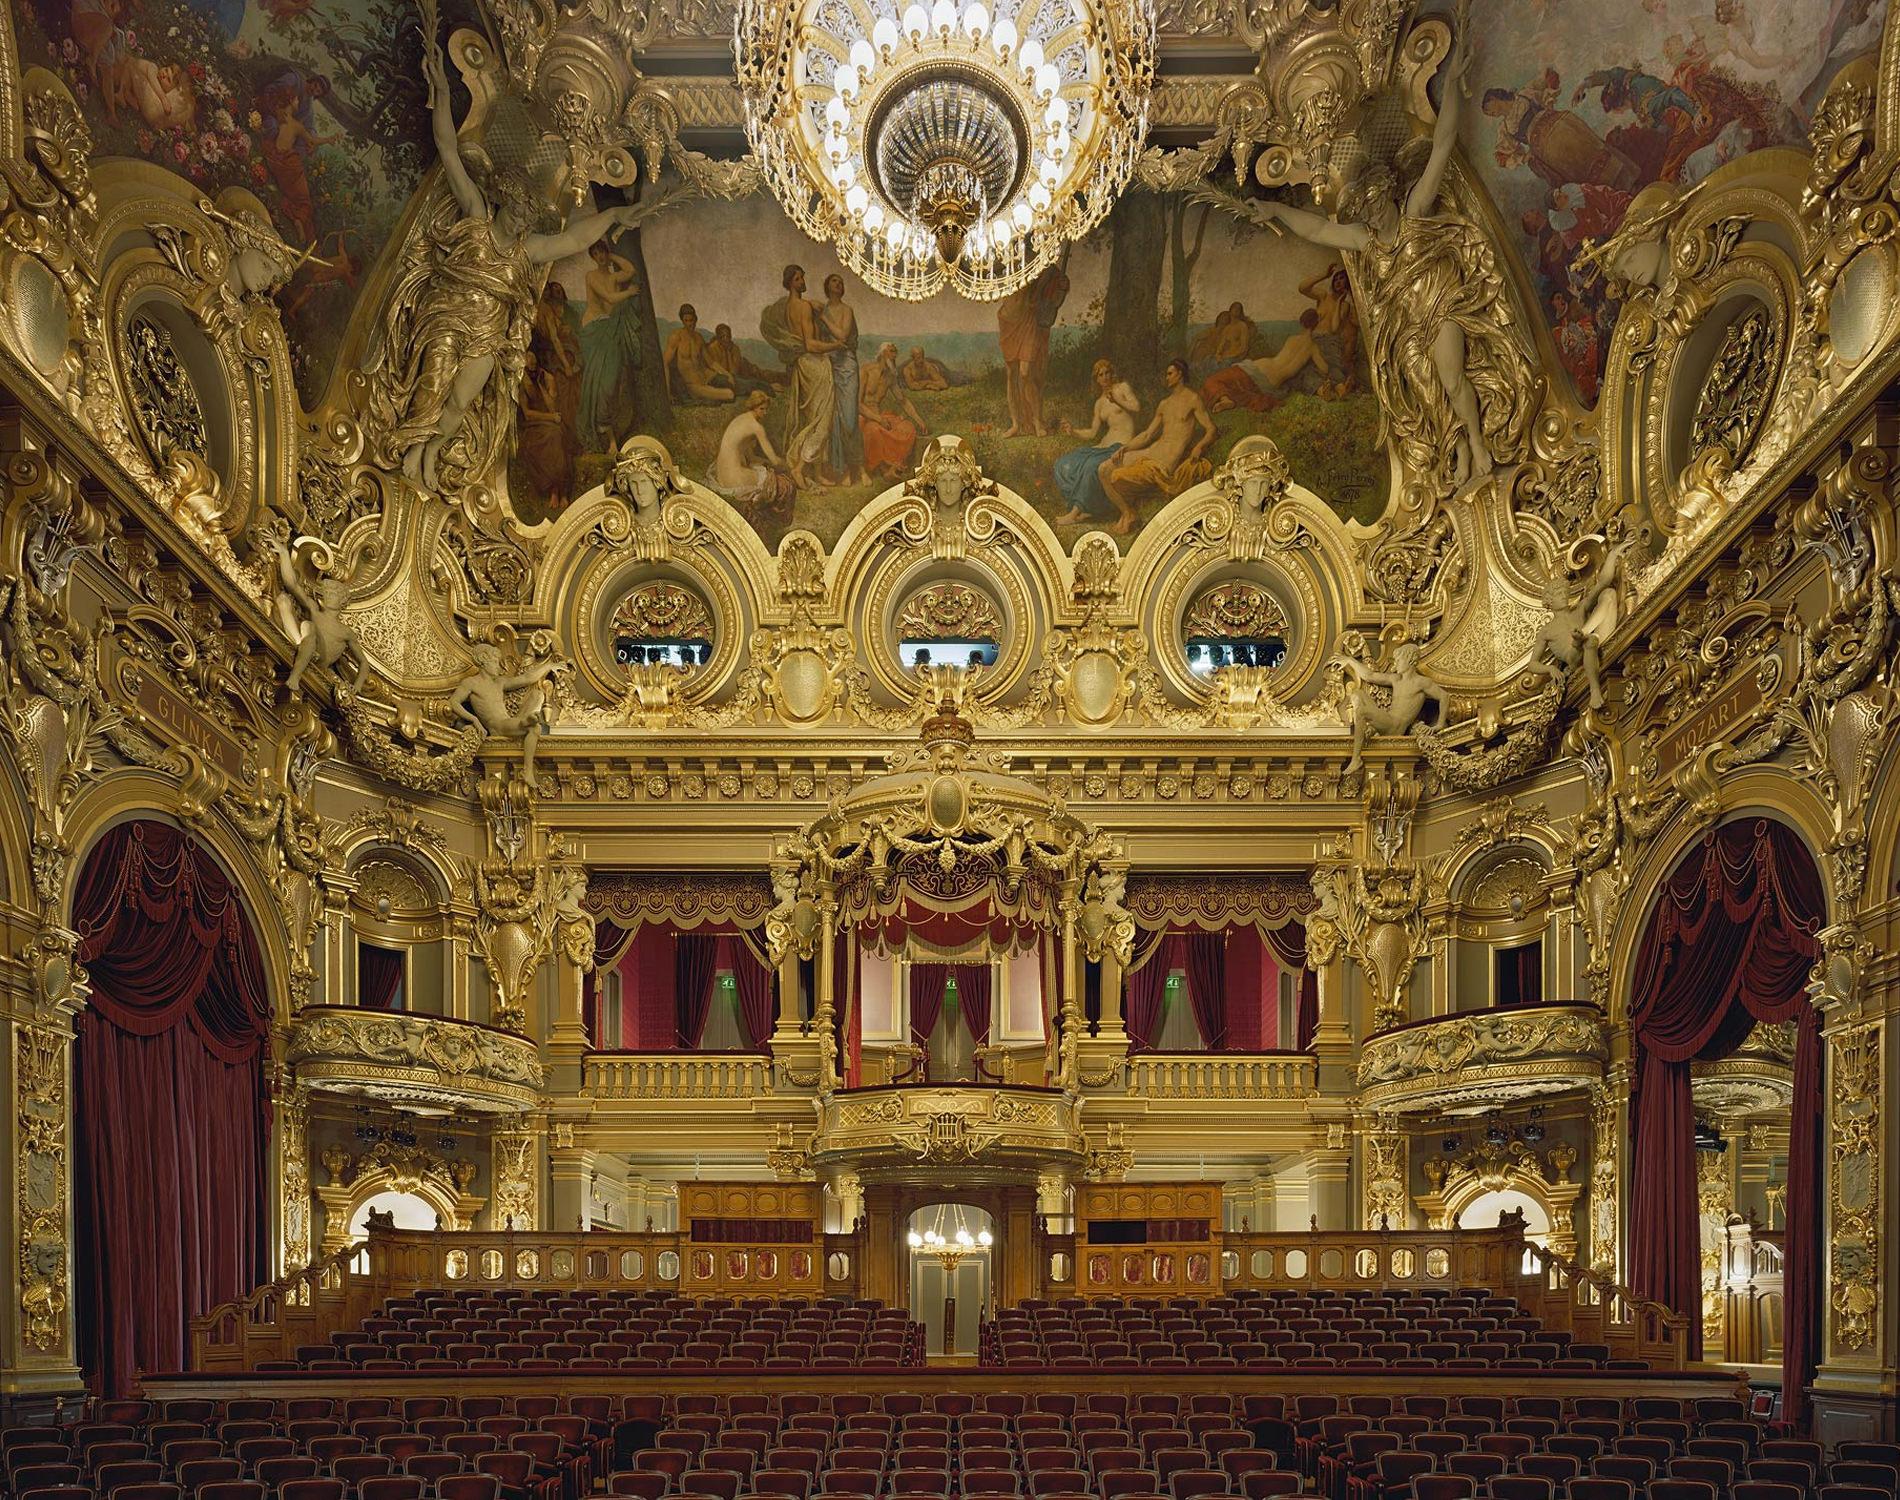 David Leventi Serie Photographie Opera Monte-Carlo Monaco 2009